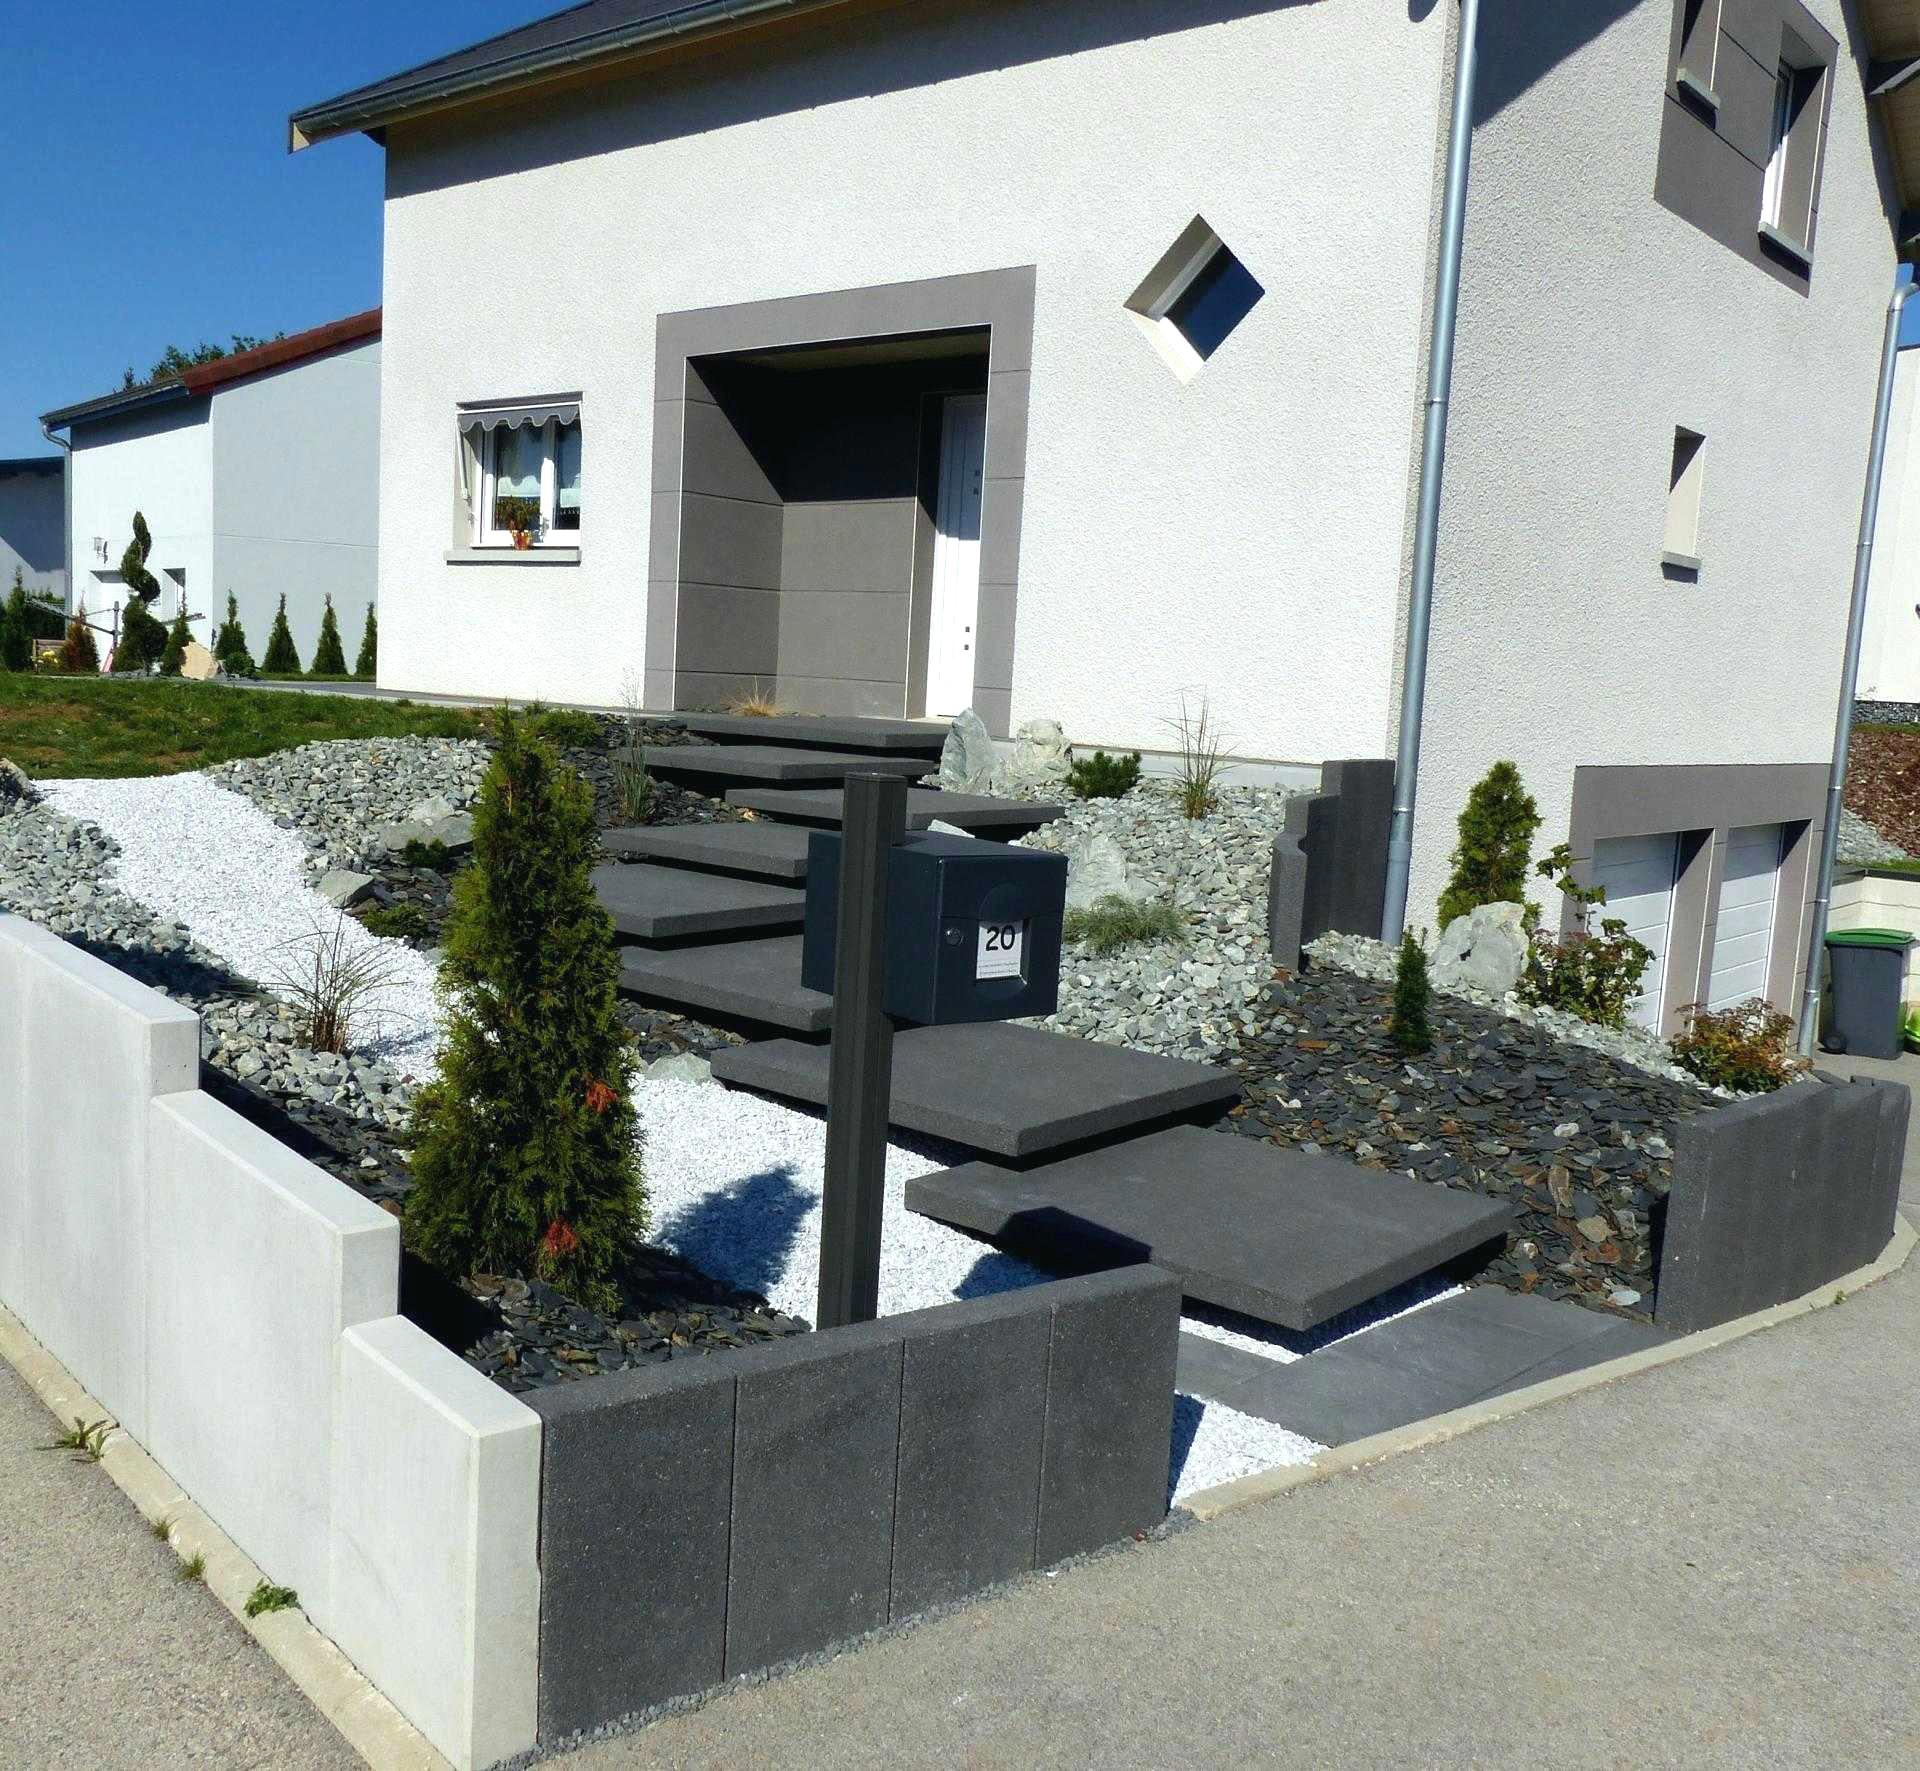 Amenagement Exterieur Terrasse Maison idee amenagement jardin devant maison